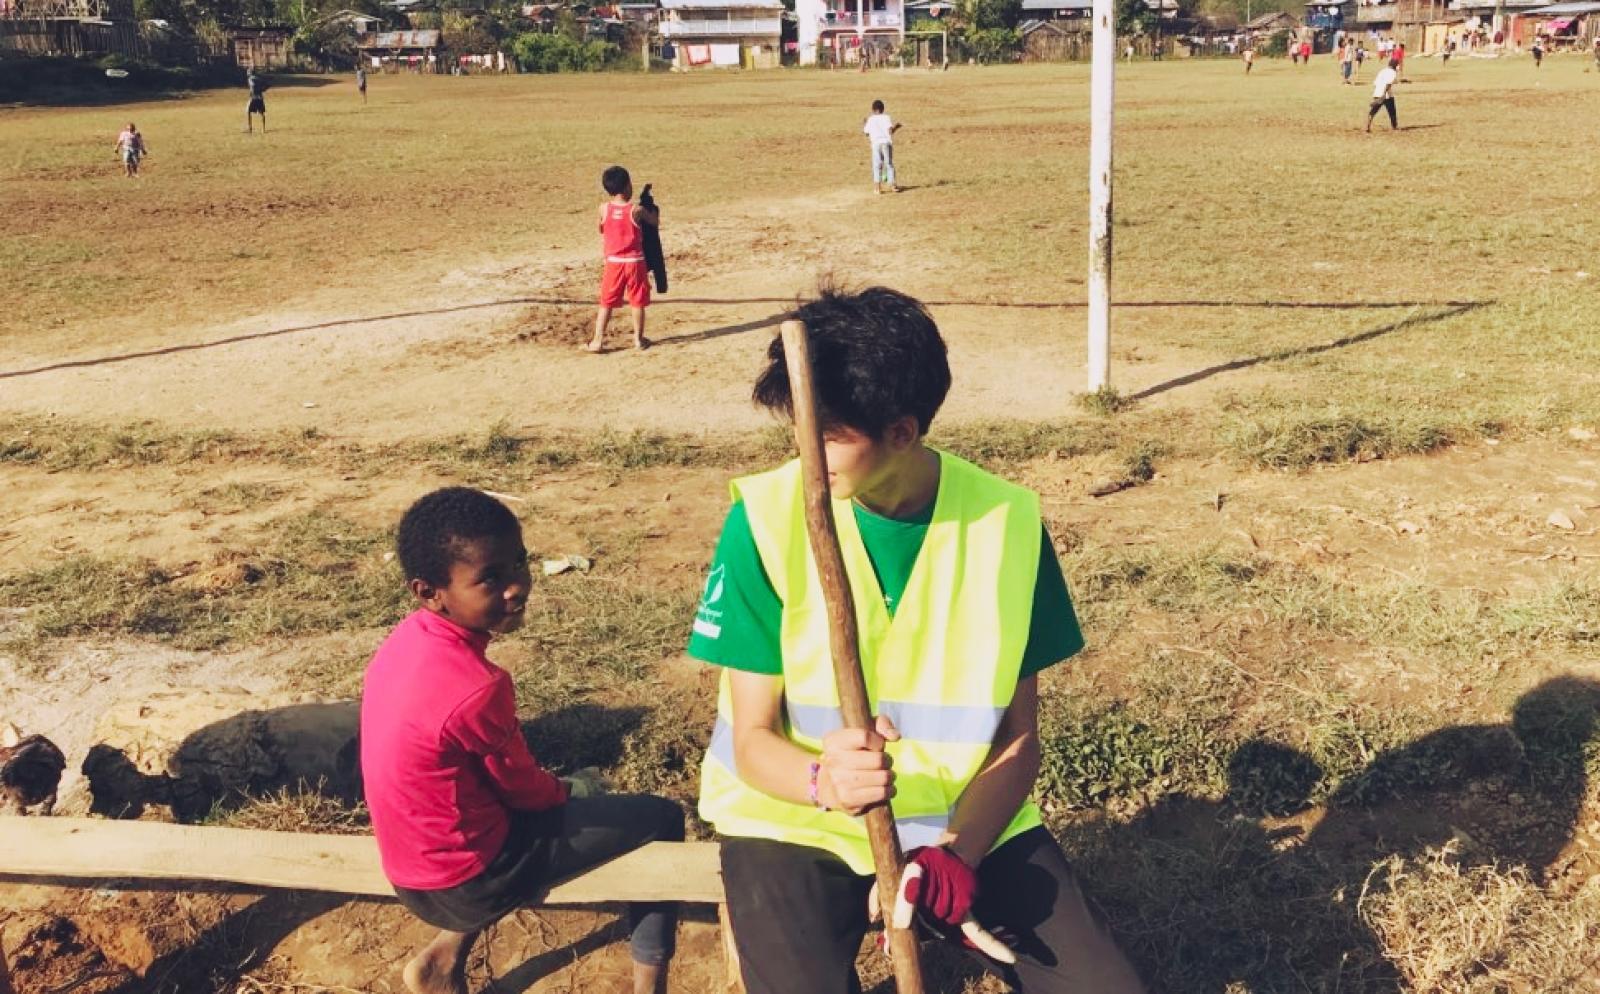 マダガスカルの子供たちと交流する高校生ボランティア木村佑介さん